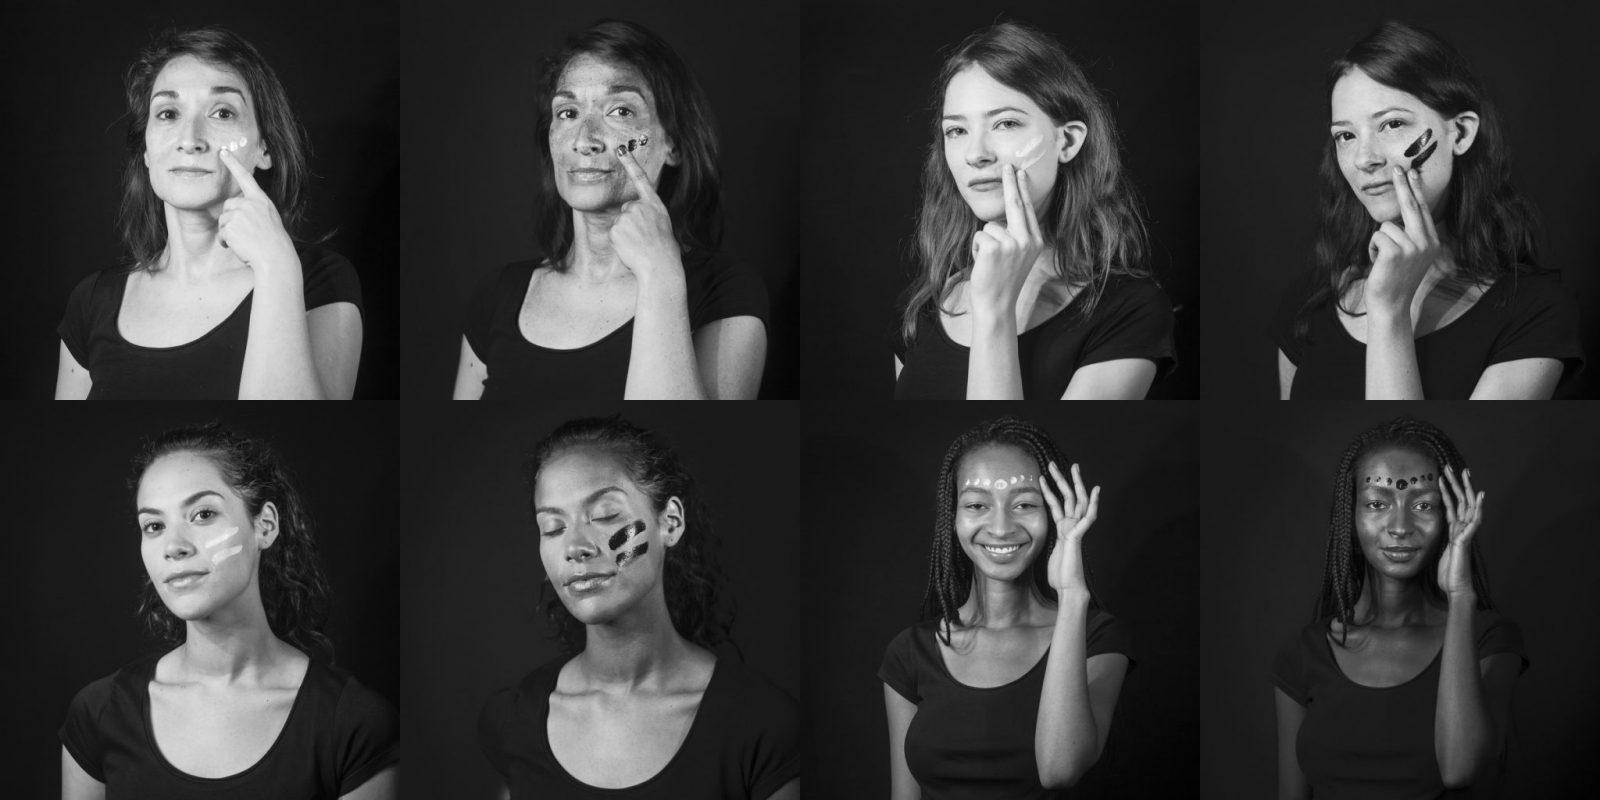 Patchwork de portraits extraits d'une vidéo en ultraviolet pour promouvoir une marque de protection solaire.